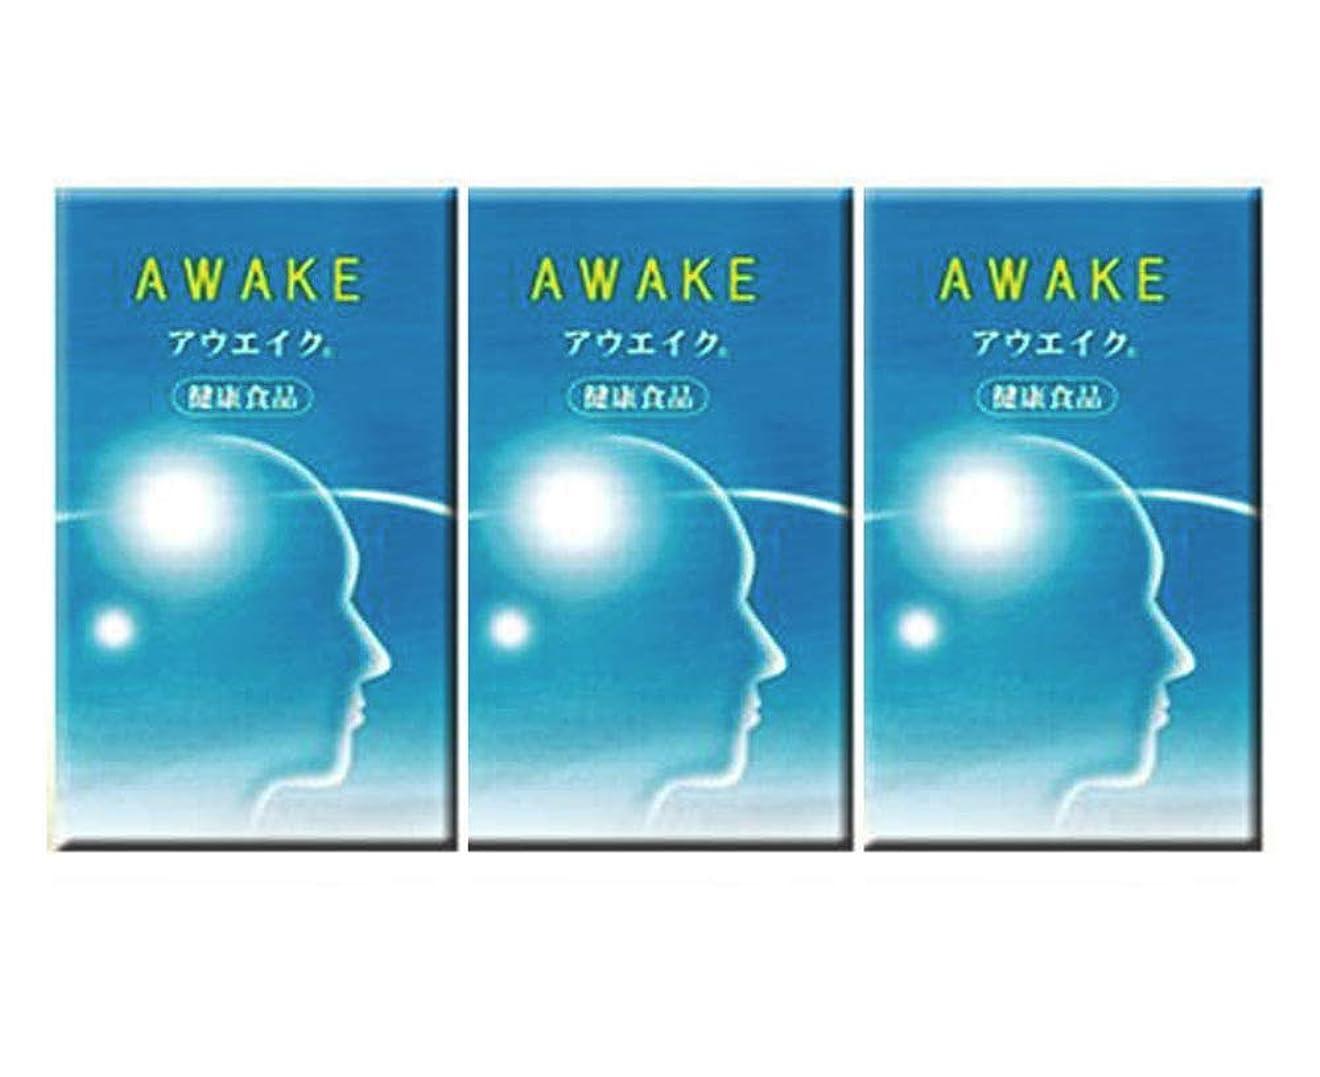 エンゲージメント忘れっぽい僕のアウエイク「AWAKE」3個セット